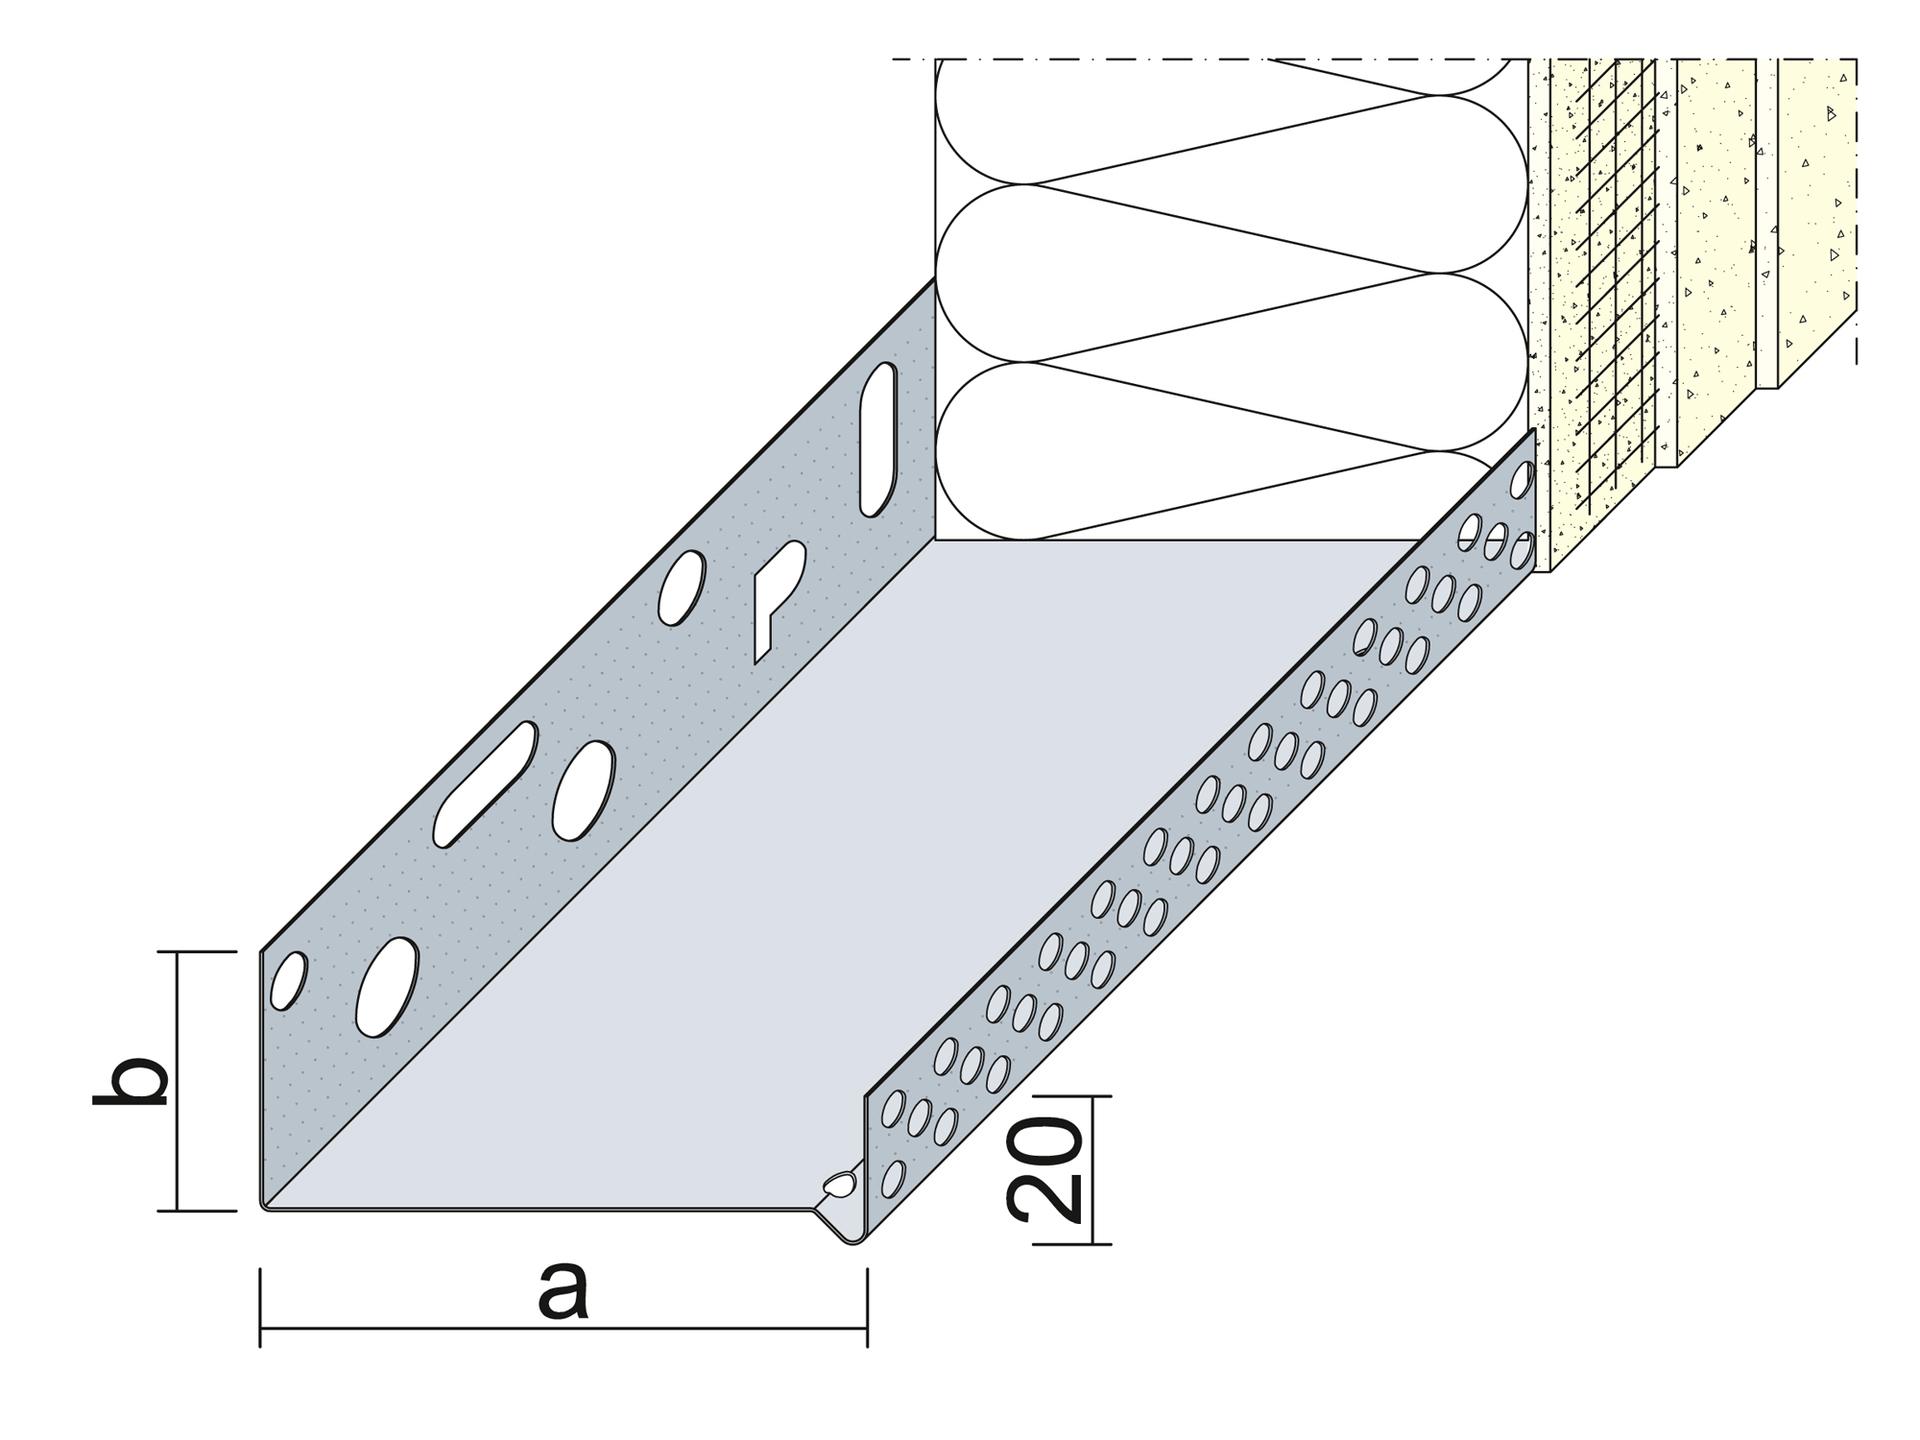 sockelprofil 60 mm wdvs, aluminium - 250 cm für 60 mm dämmstoffdicke